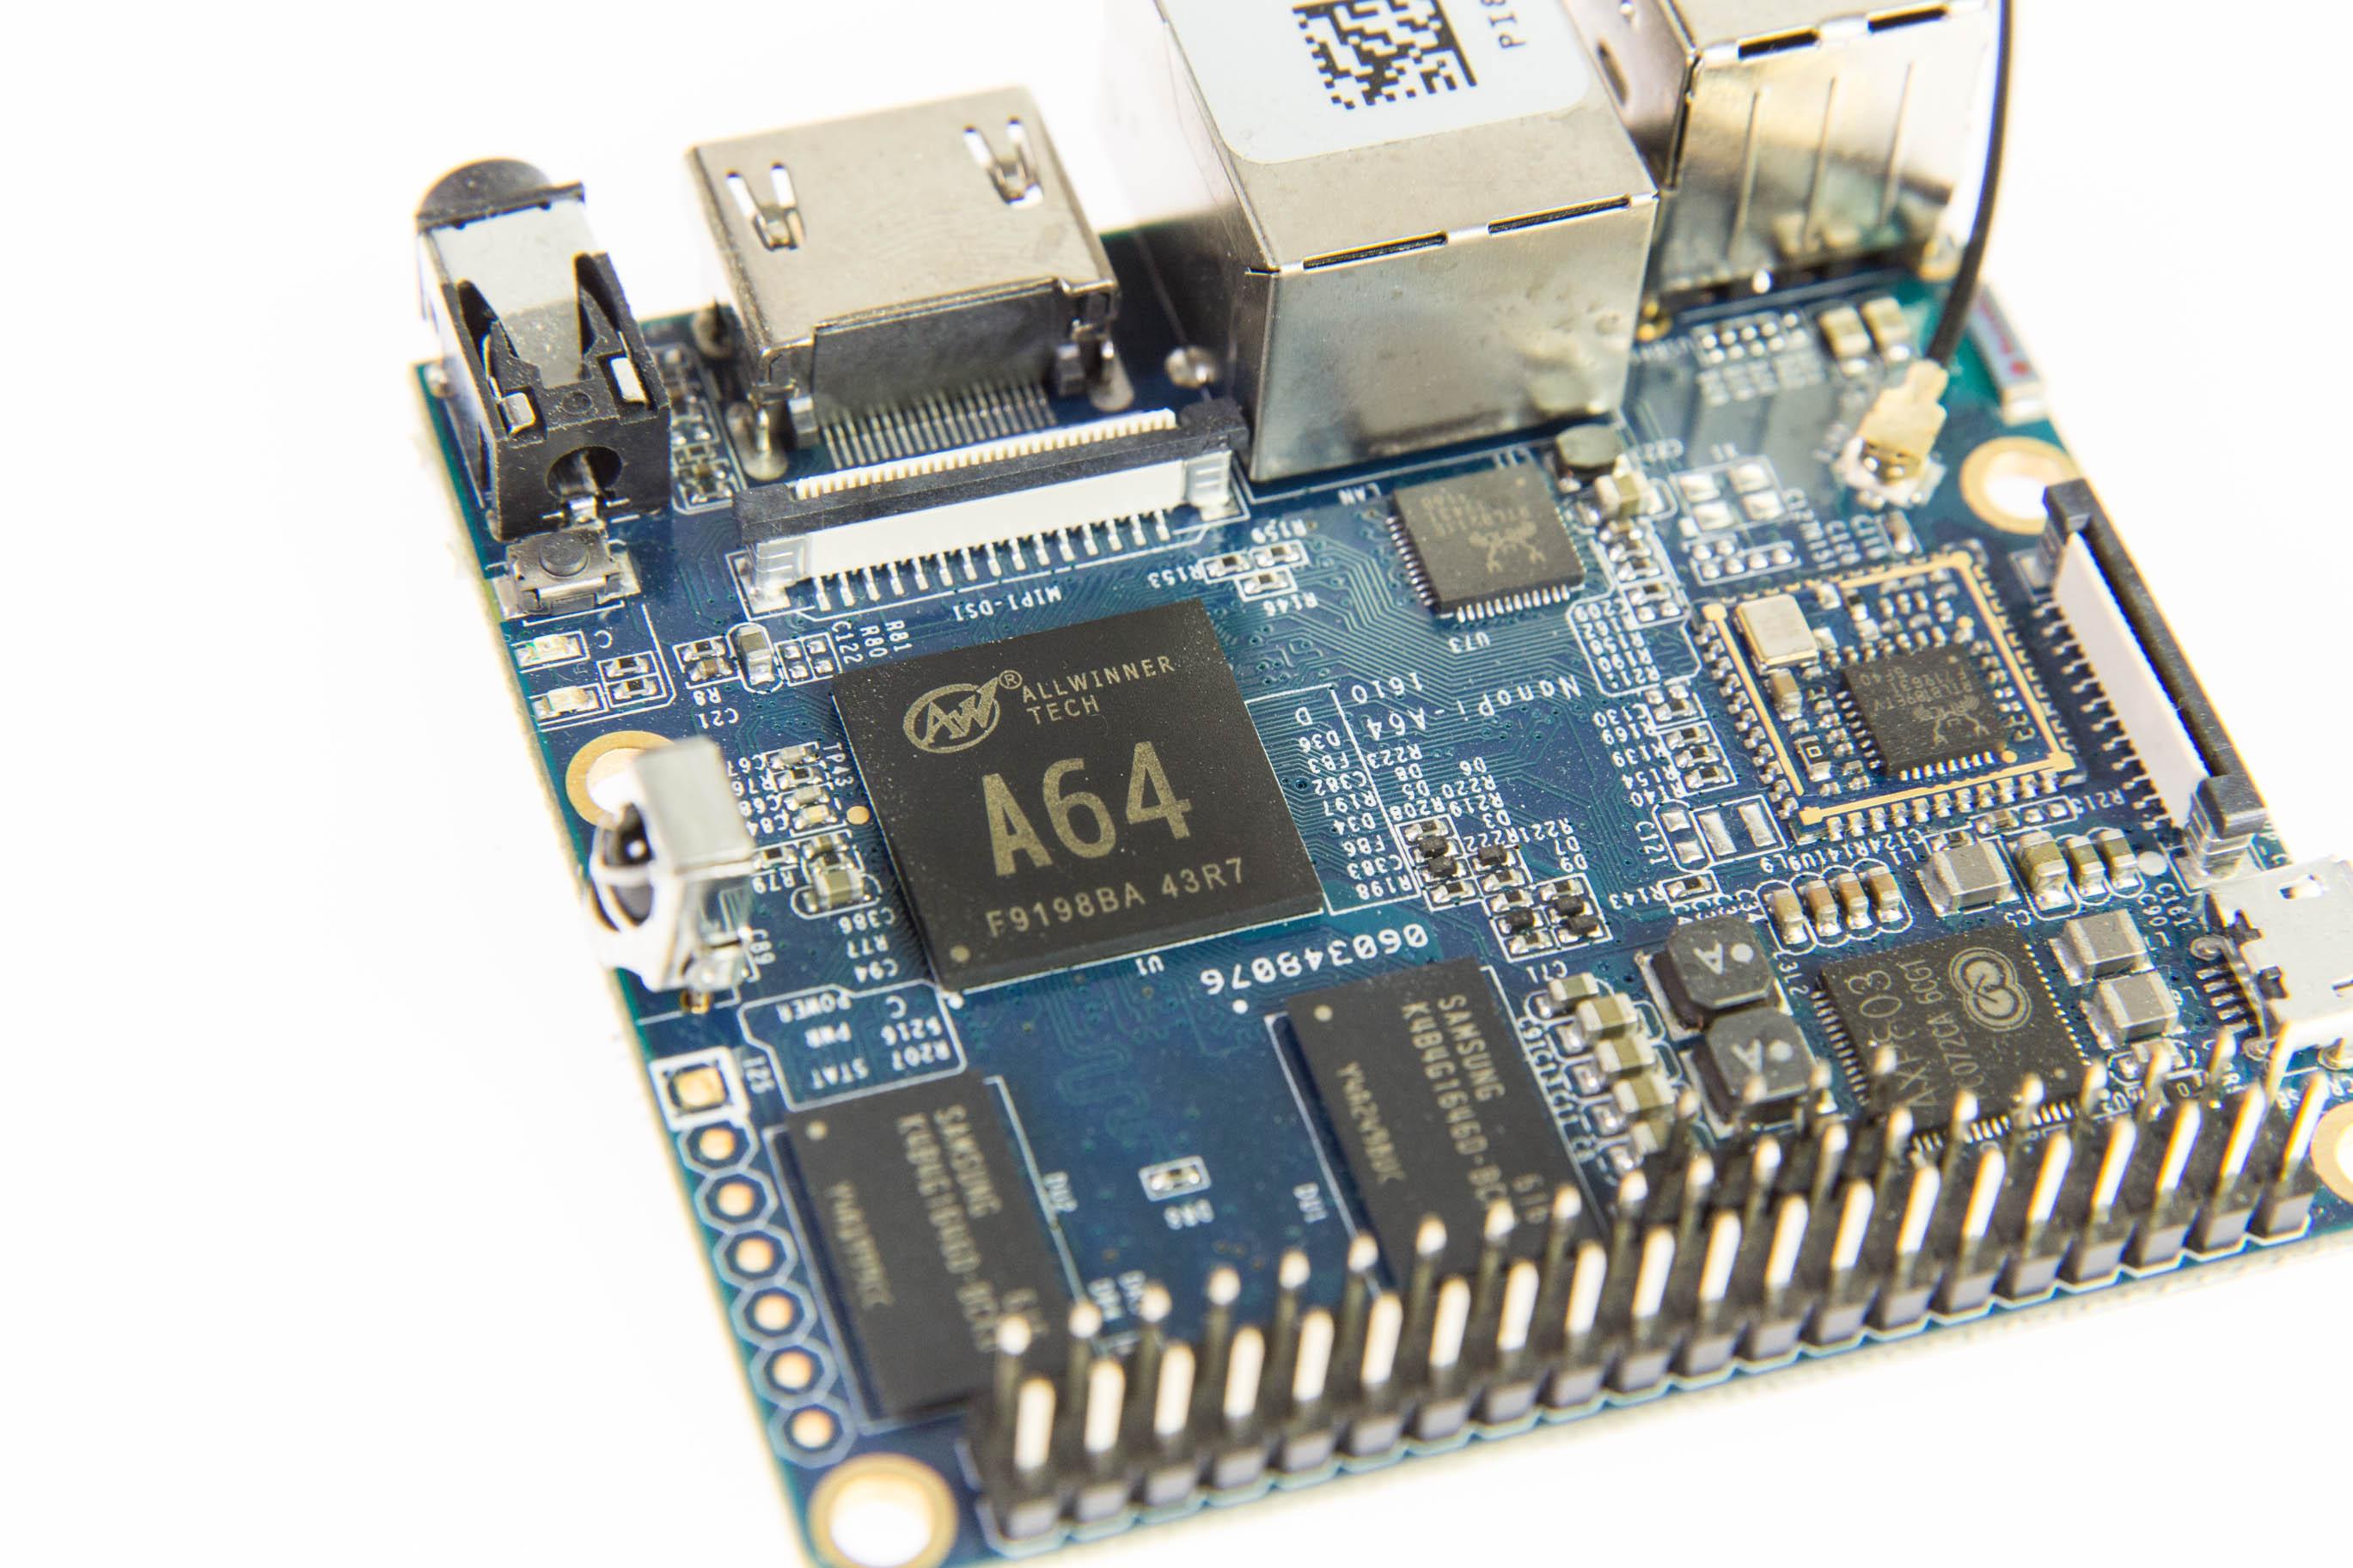 Bastelrechner Nano Pi im Test: Klein, aber nicht unbedingt oho - Nano Pi A64 - Front (Bild: Martin Wolf/Golem.de)